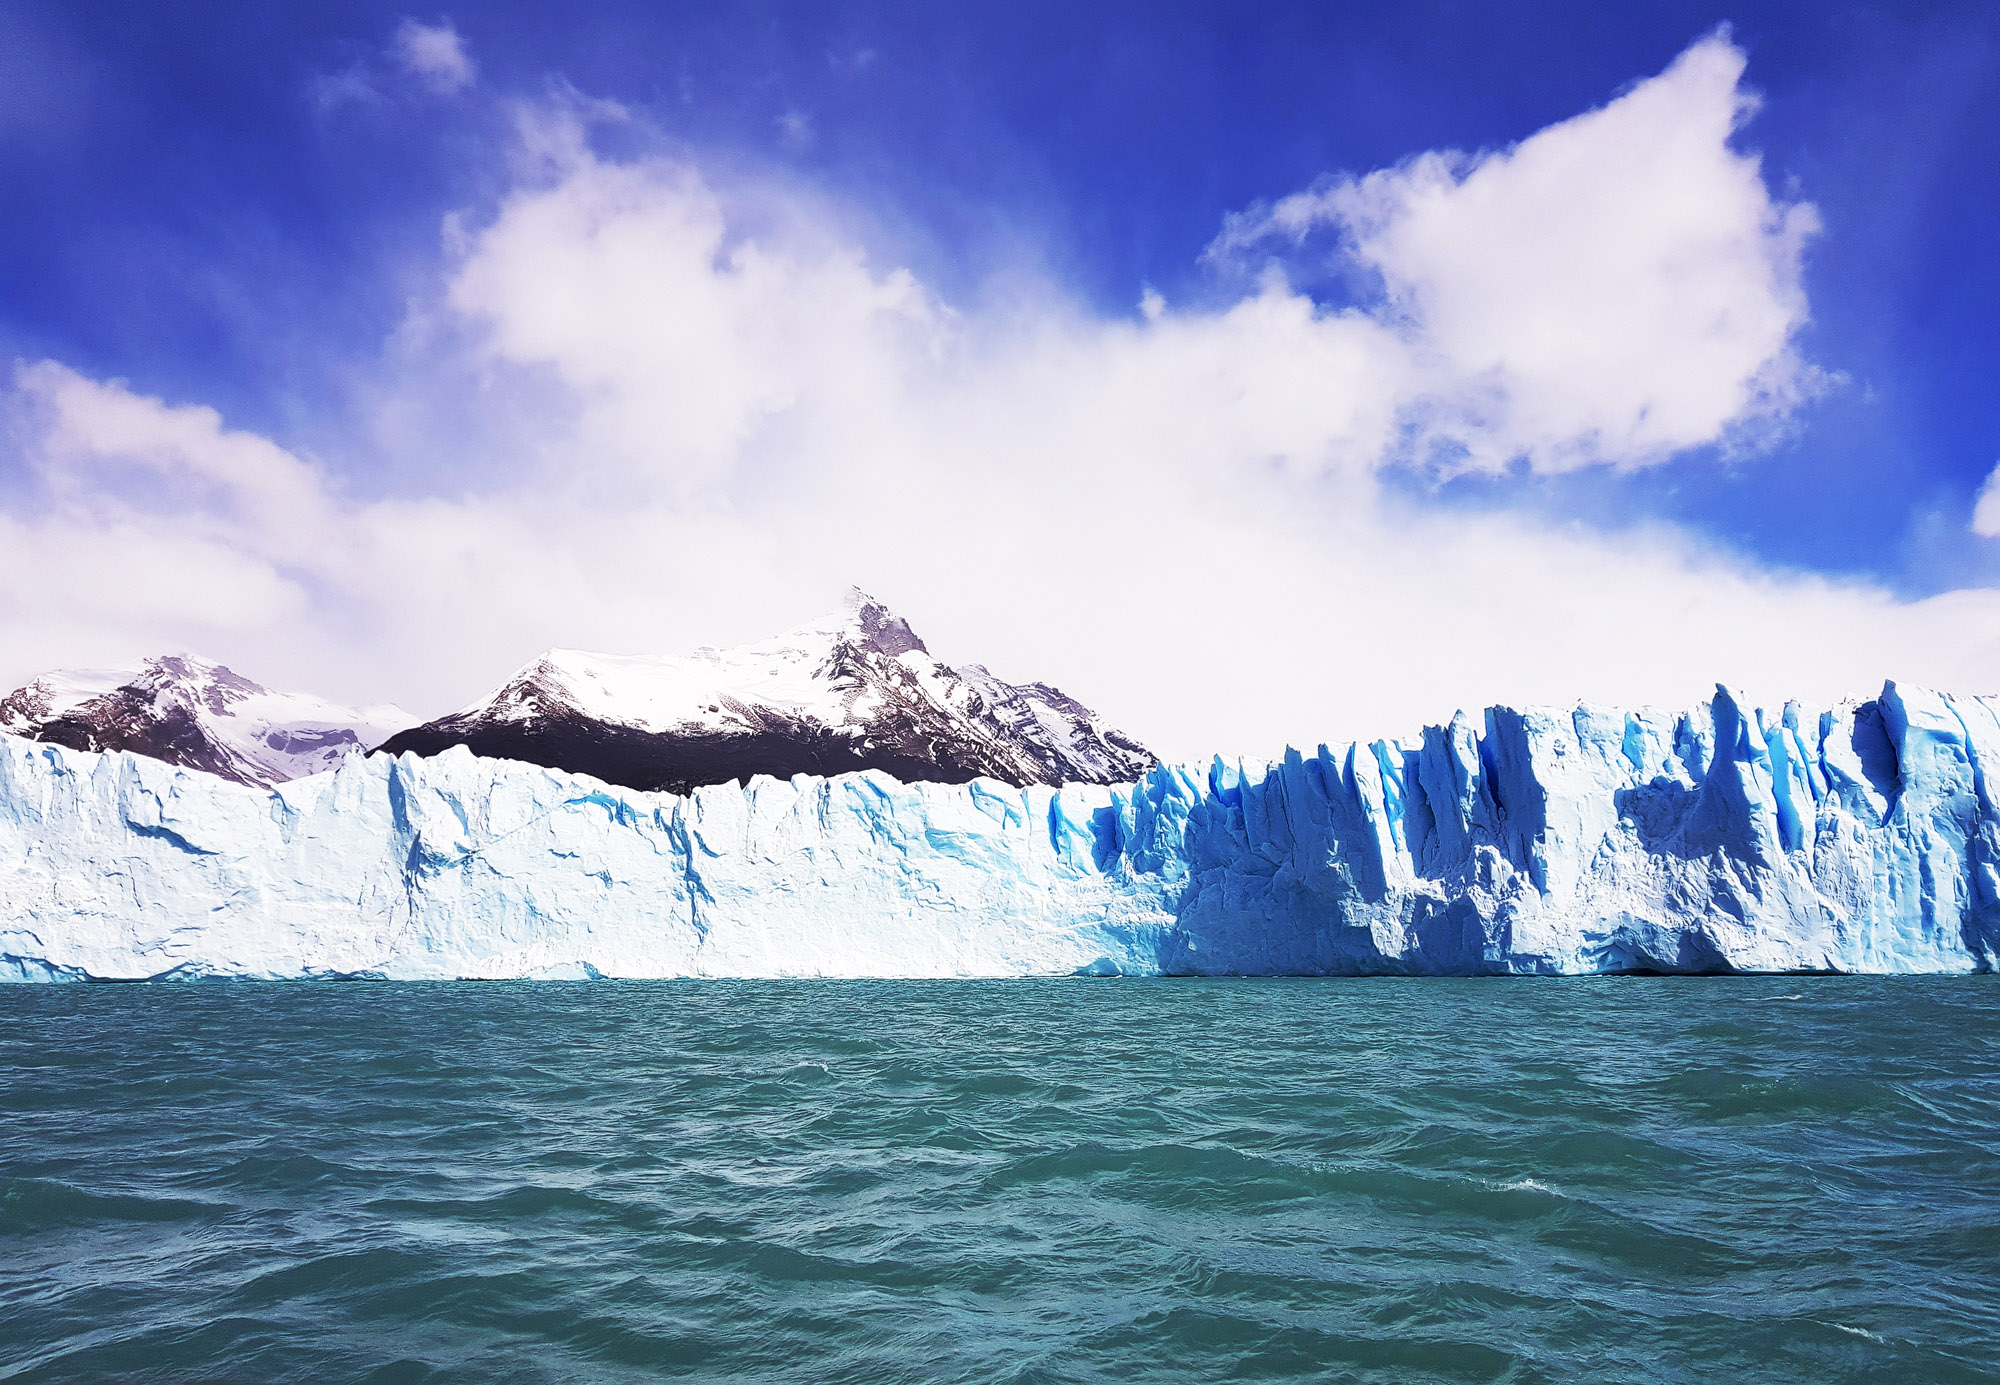 Unfassbar schöner Anblick, hunderte Touristen versuchen das beste Foto zu ergattern